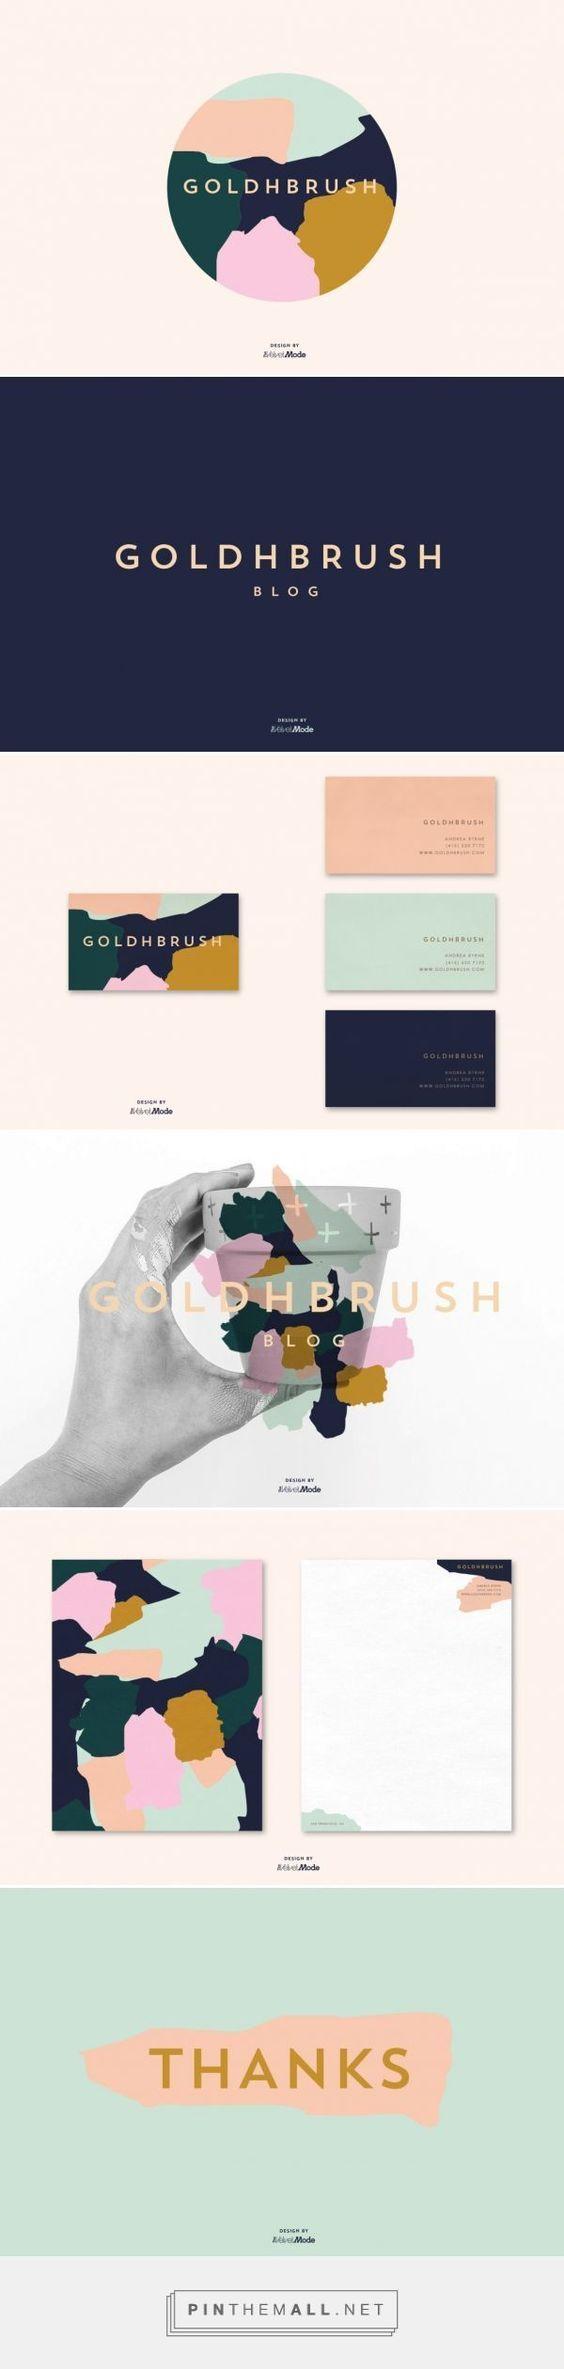 Goldhbrush Blog Branding by The Velvet Mode | Fivestar Branding Agency – Design and Branding Agency & Curated Inspiration Gallery